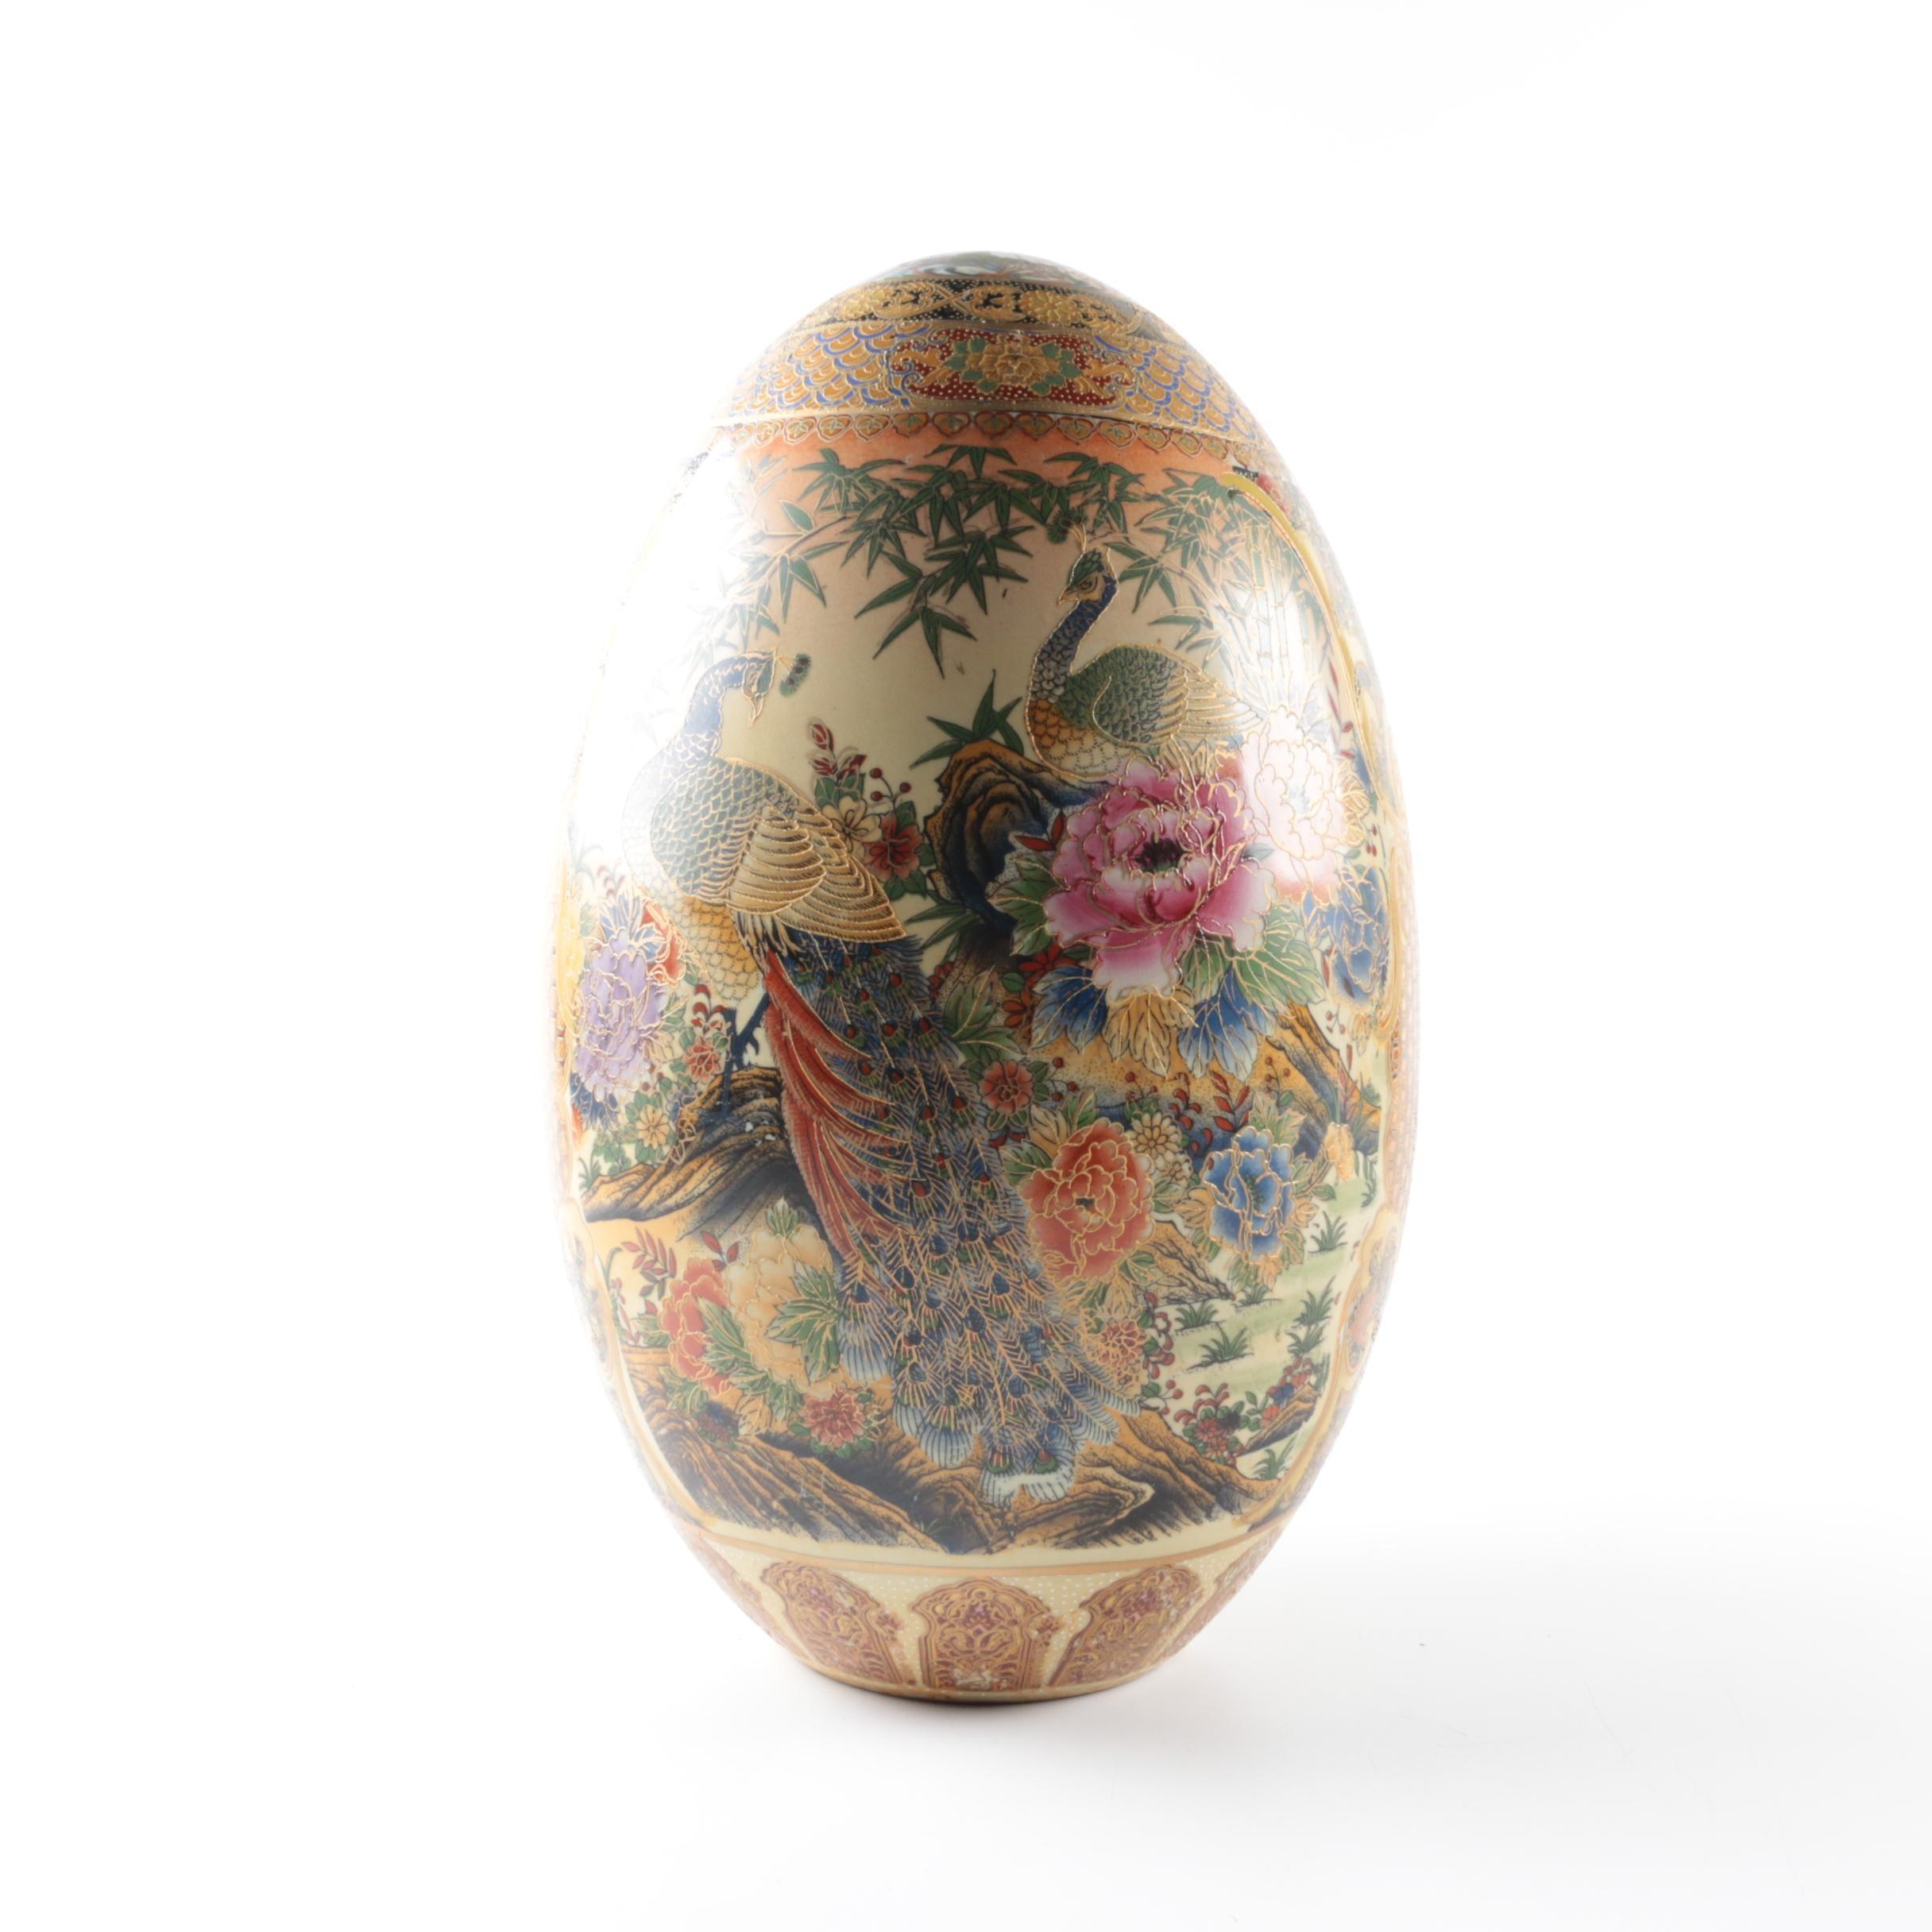 Chinese Satsuma Style Hand Painted Ceramic Egg